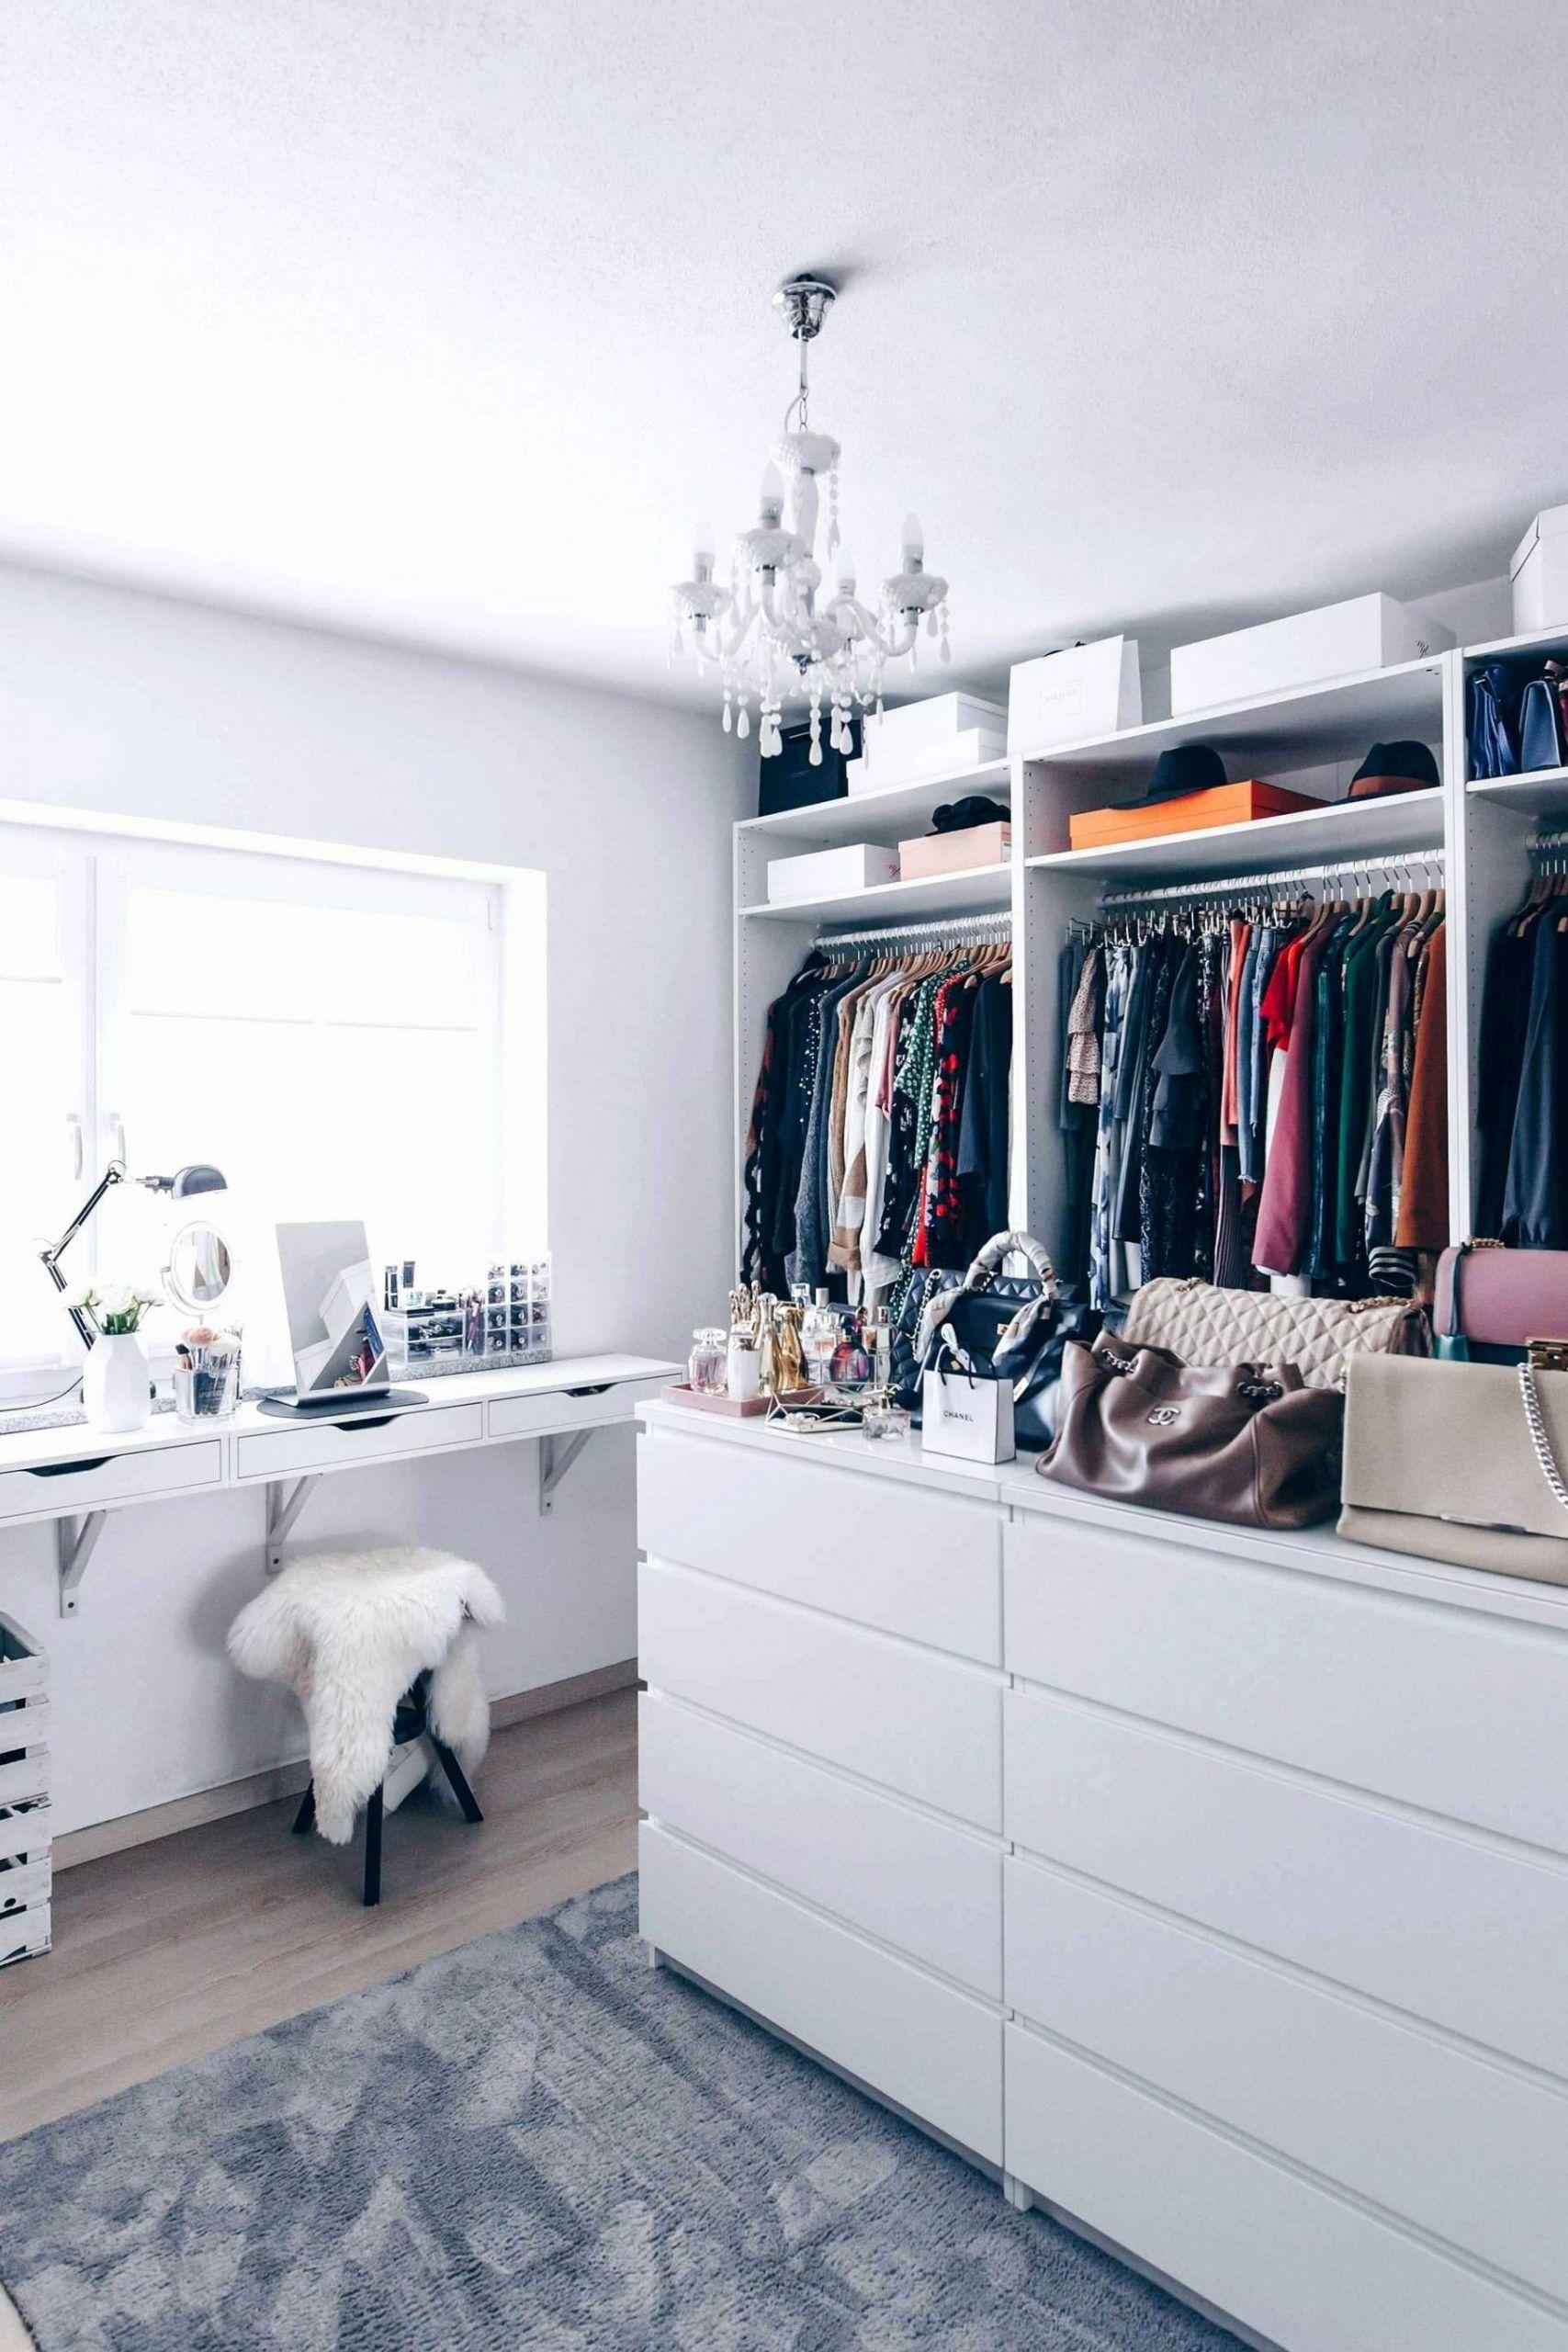 garten berlin frisch beste von garten pachten berlin wohnen luxus berlin wohnen luxus berlin